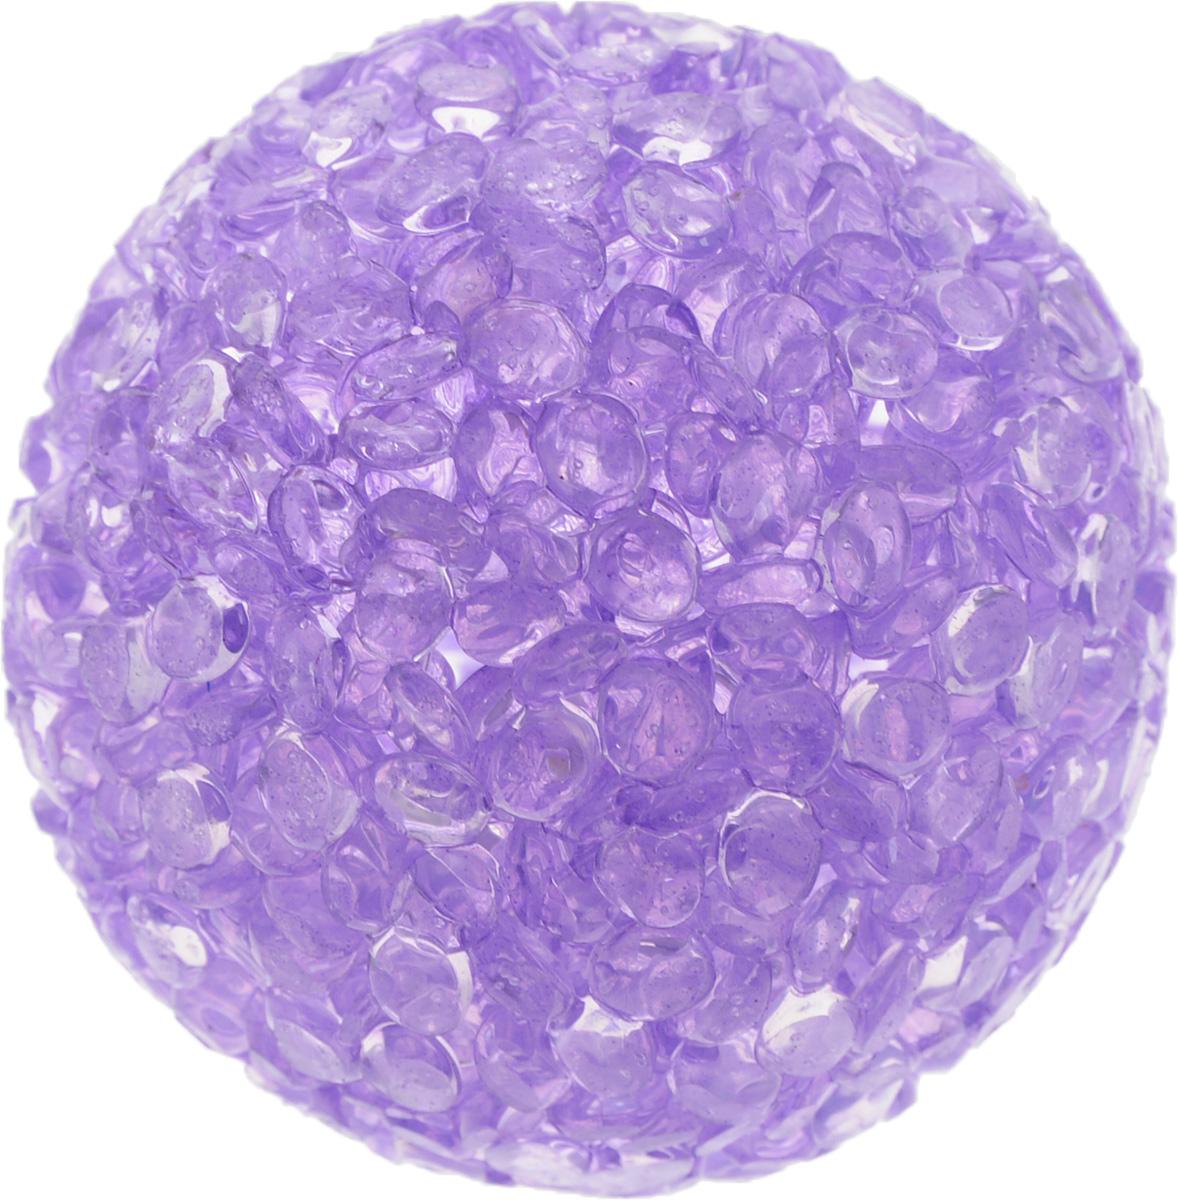 Игрушка для животных Каскад Мячик блестящий, цвет: фиолетовый, диаметр 4 см игрушка для животных каскад барабан с колокольчиком 4 х 4 х 4 см